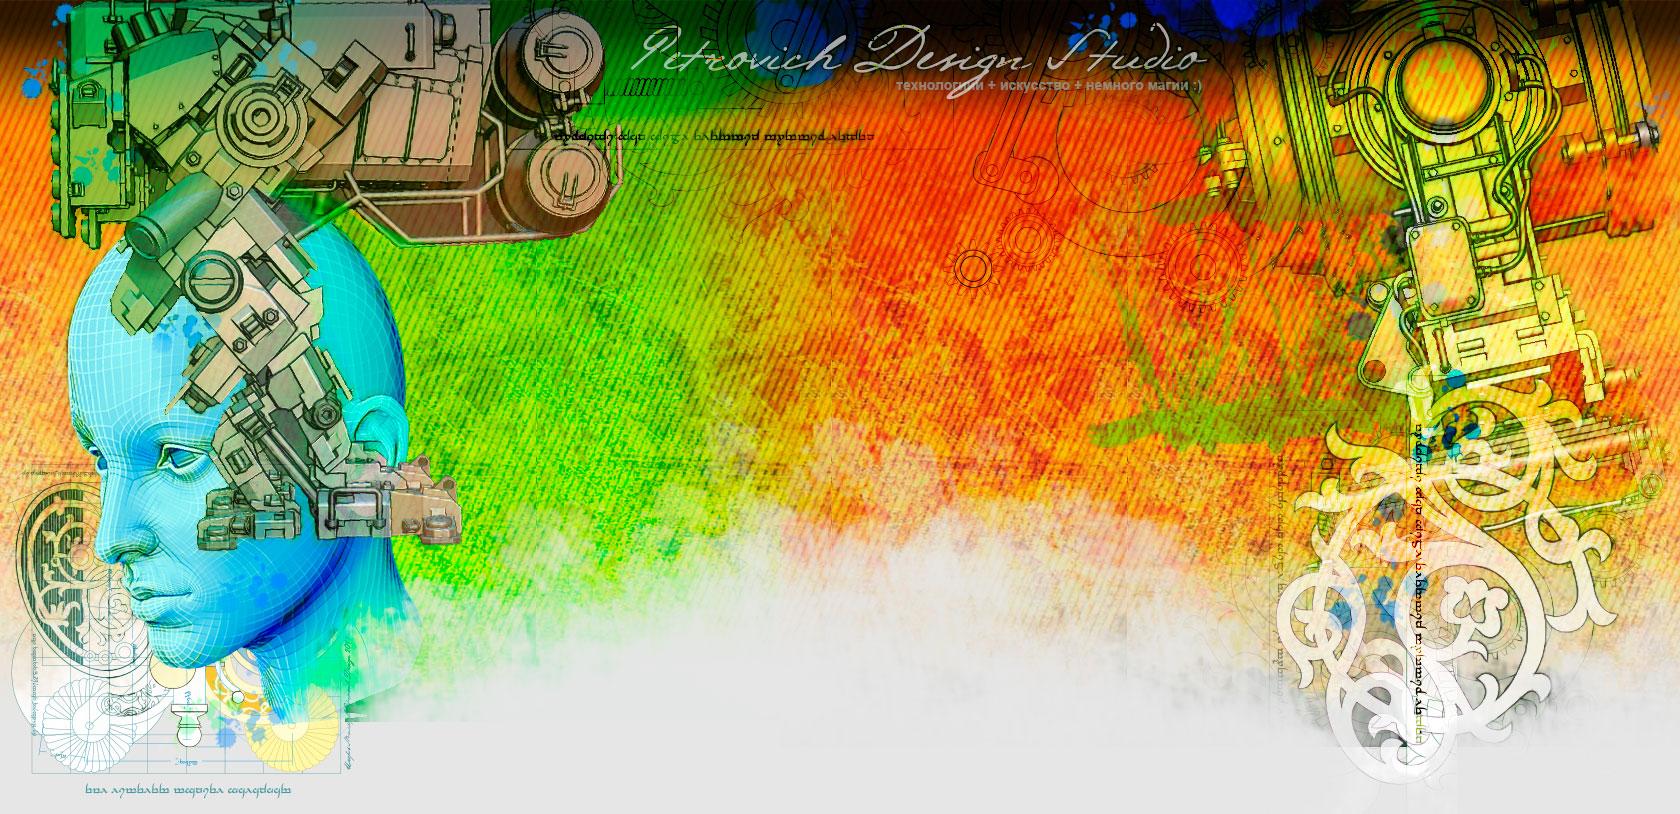 Заставка (фоновая иллюстрация) для сайта